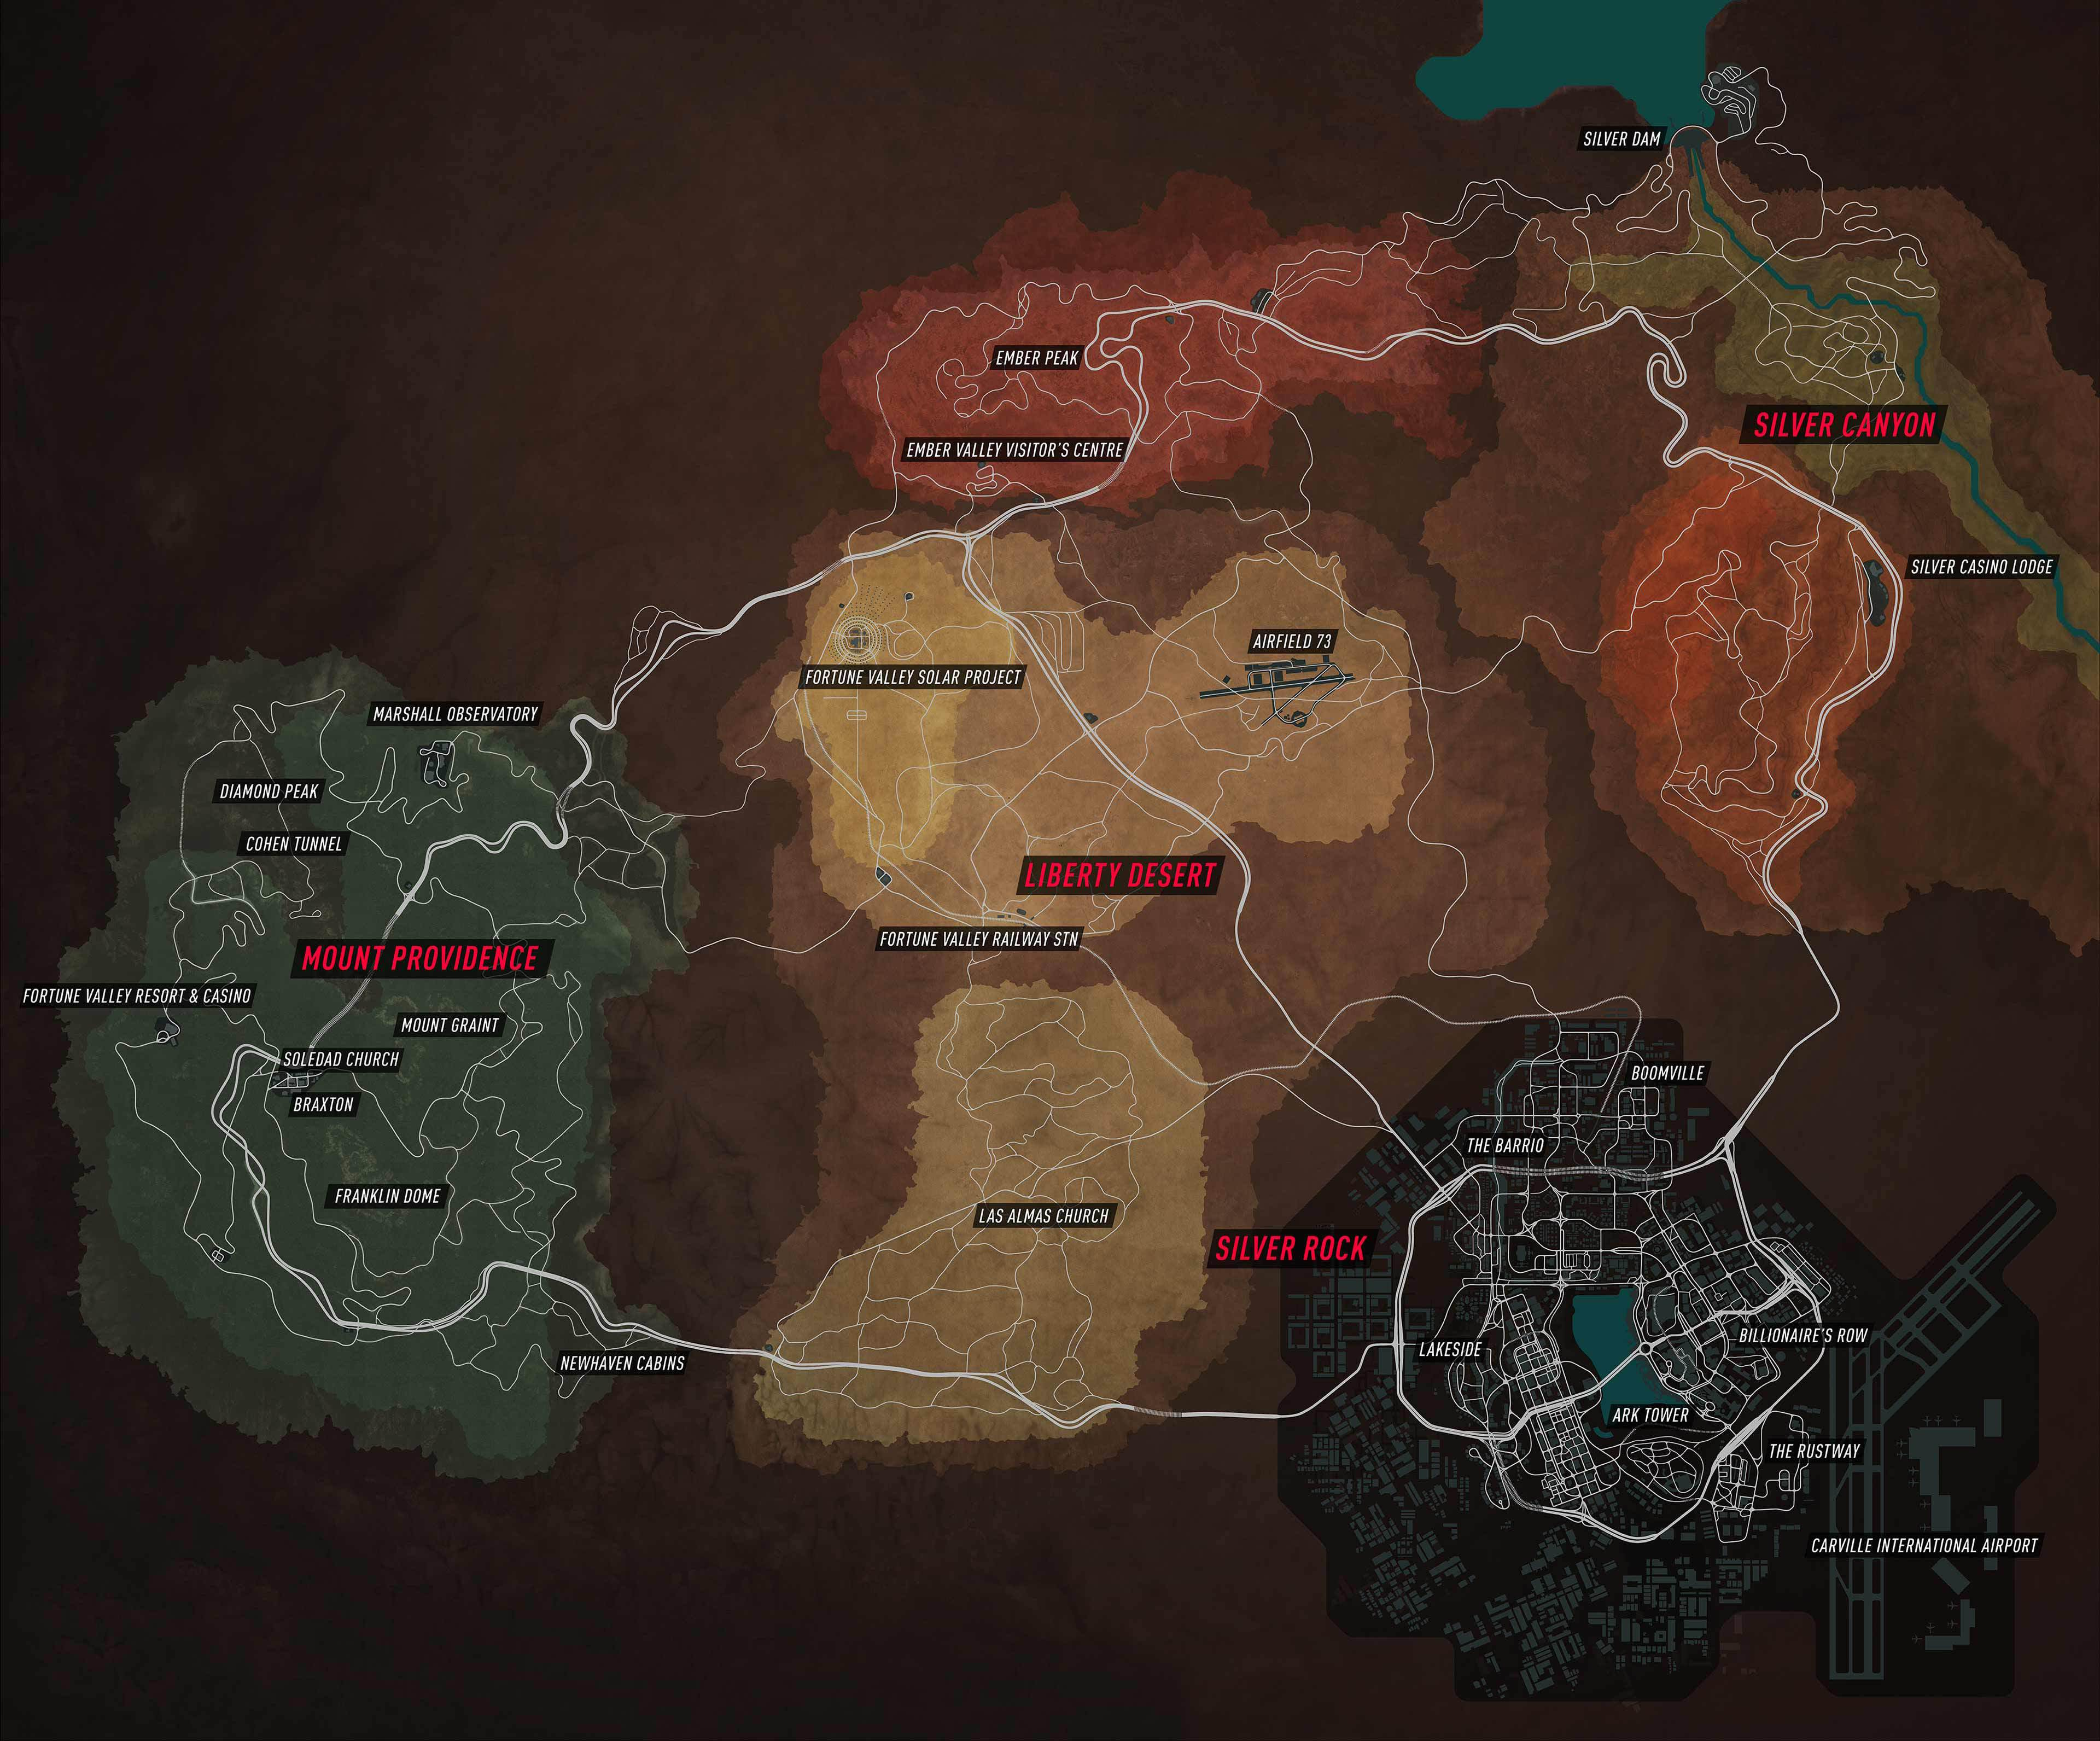 nfsp-world-game-map-1tcuzf.jpg